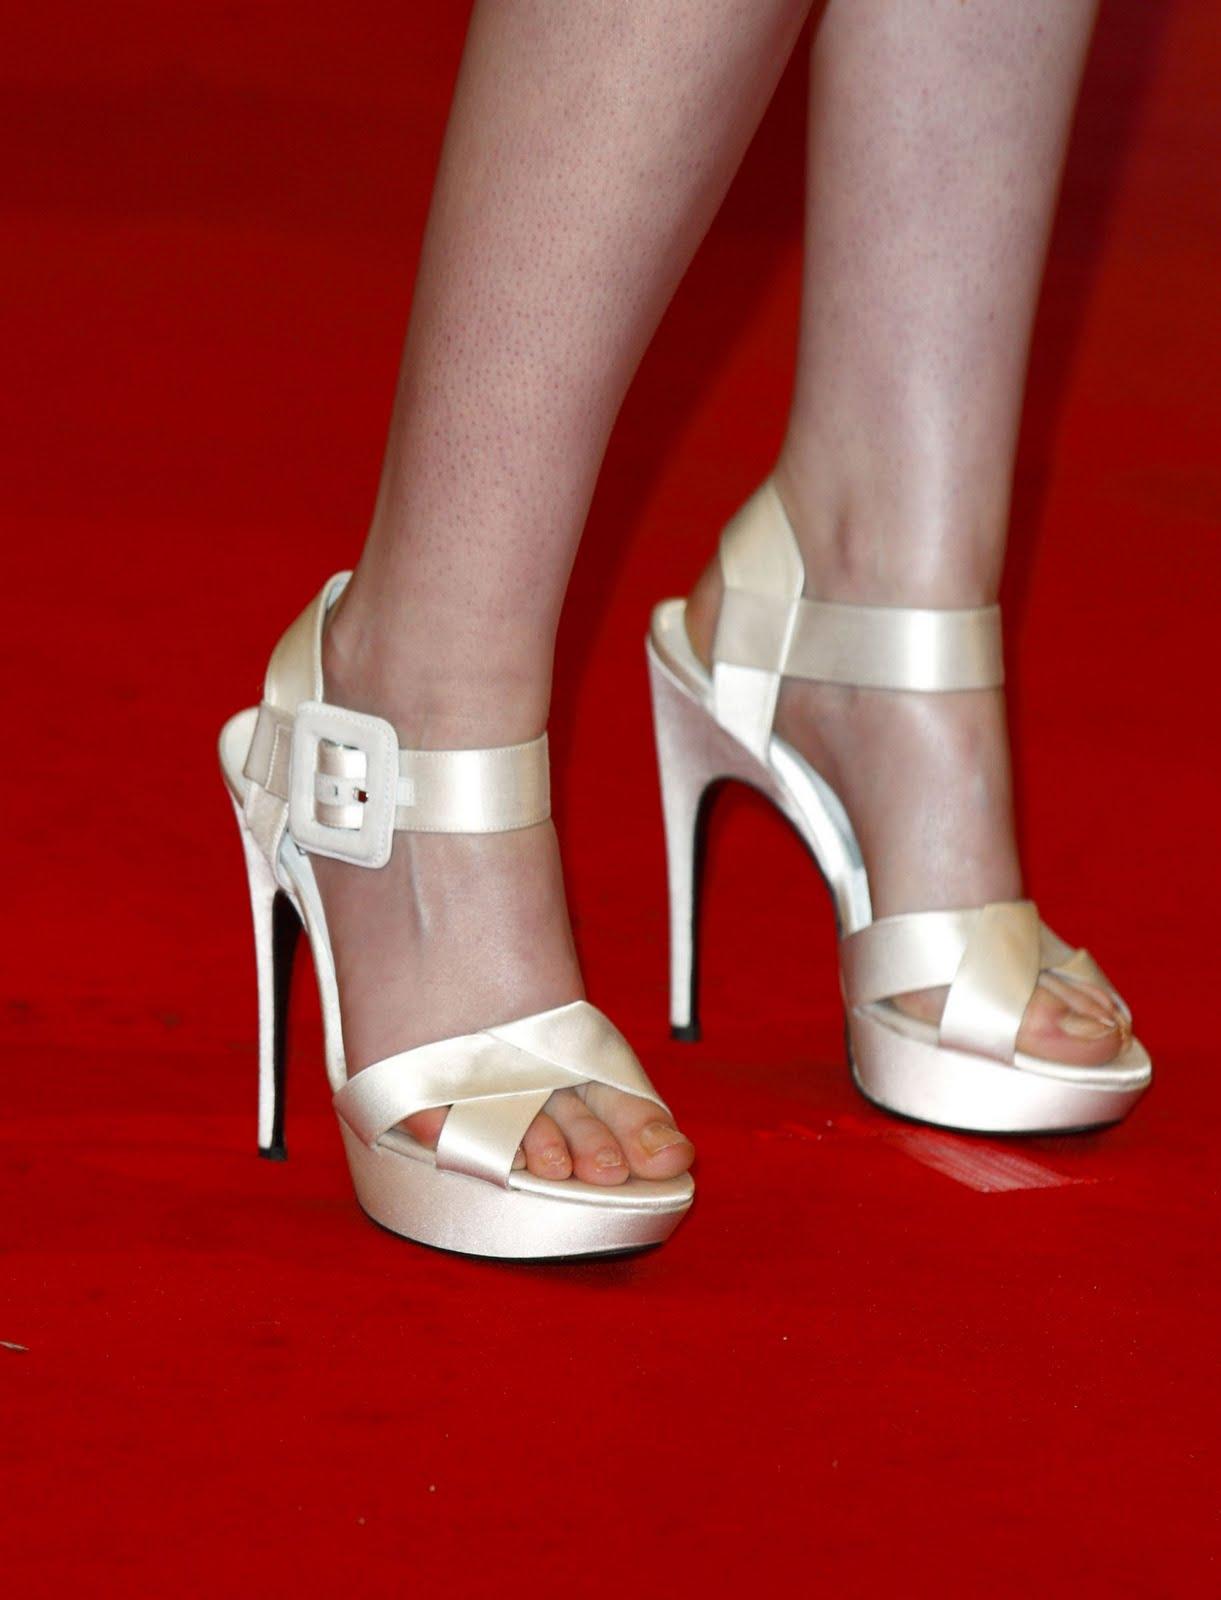 Download this Kristen Stewart Feet picture